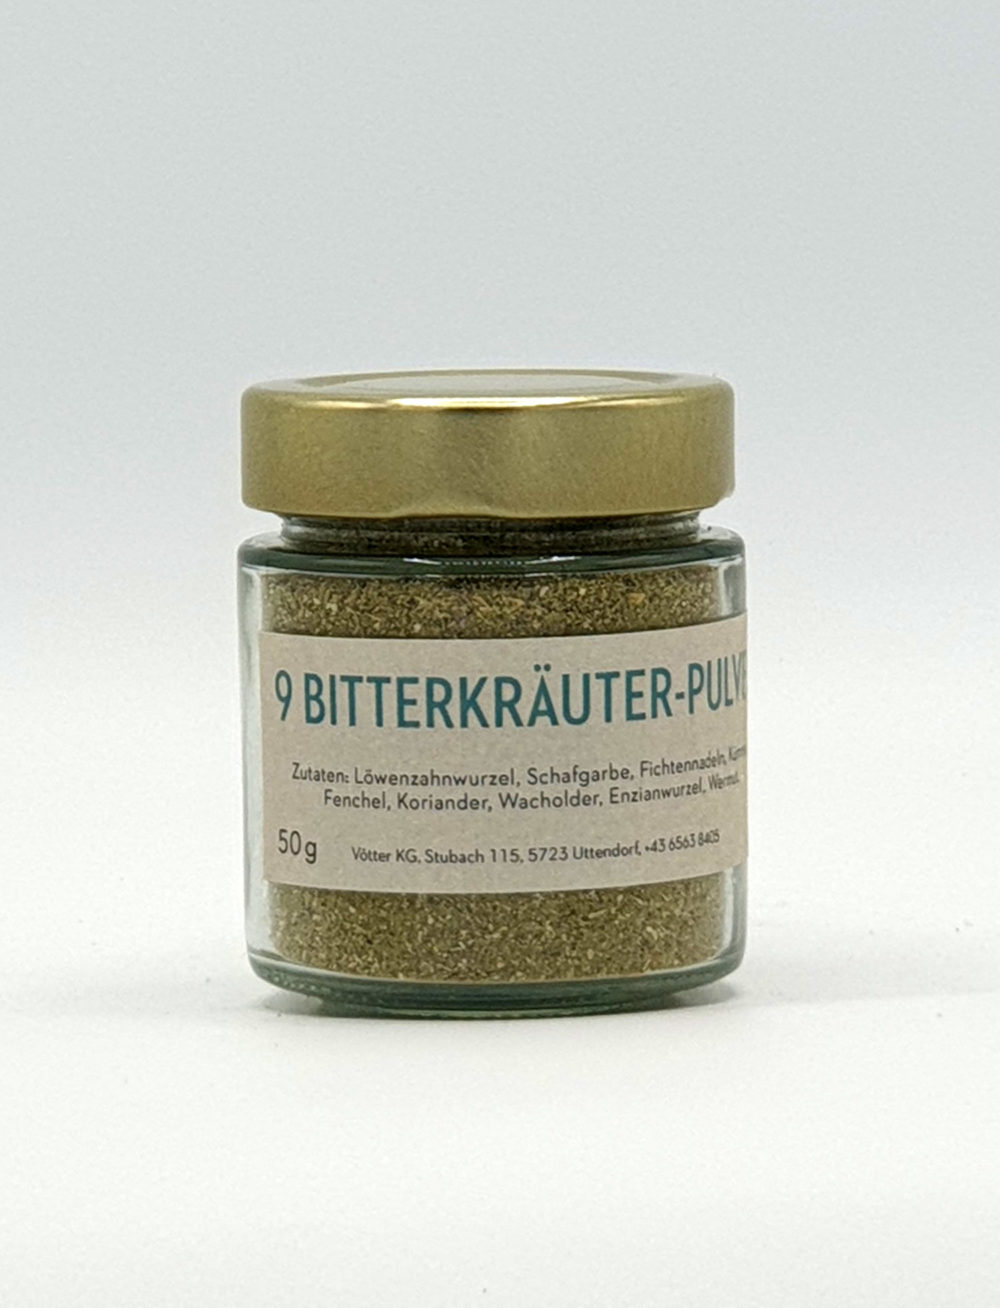 9 Bitterkräuter Pulver